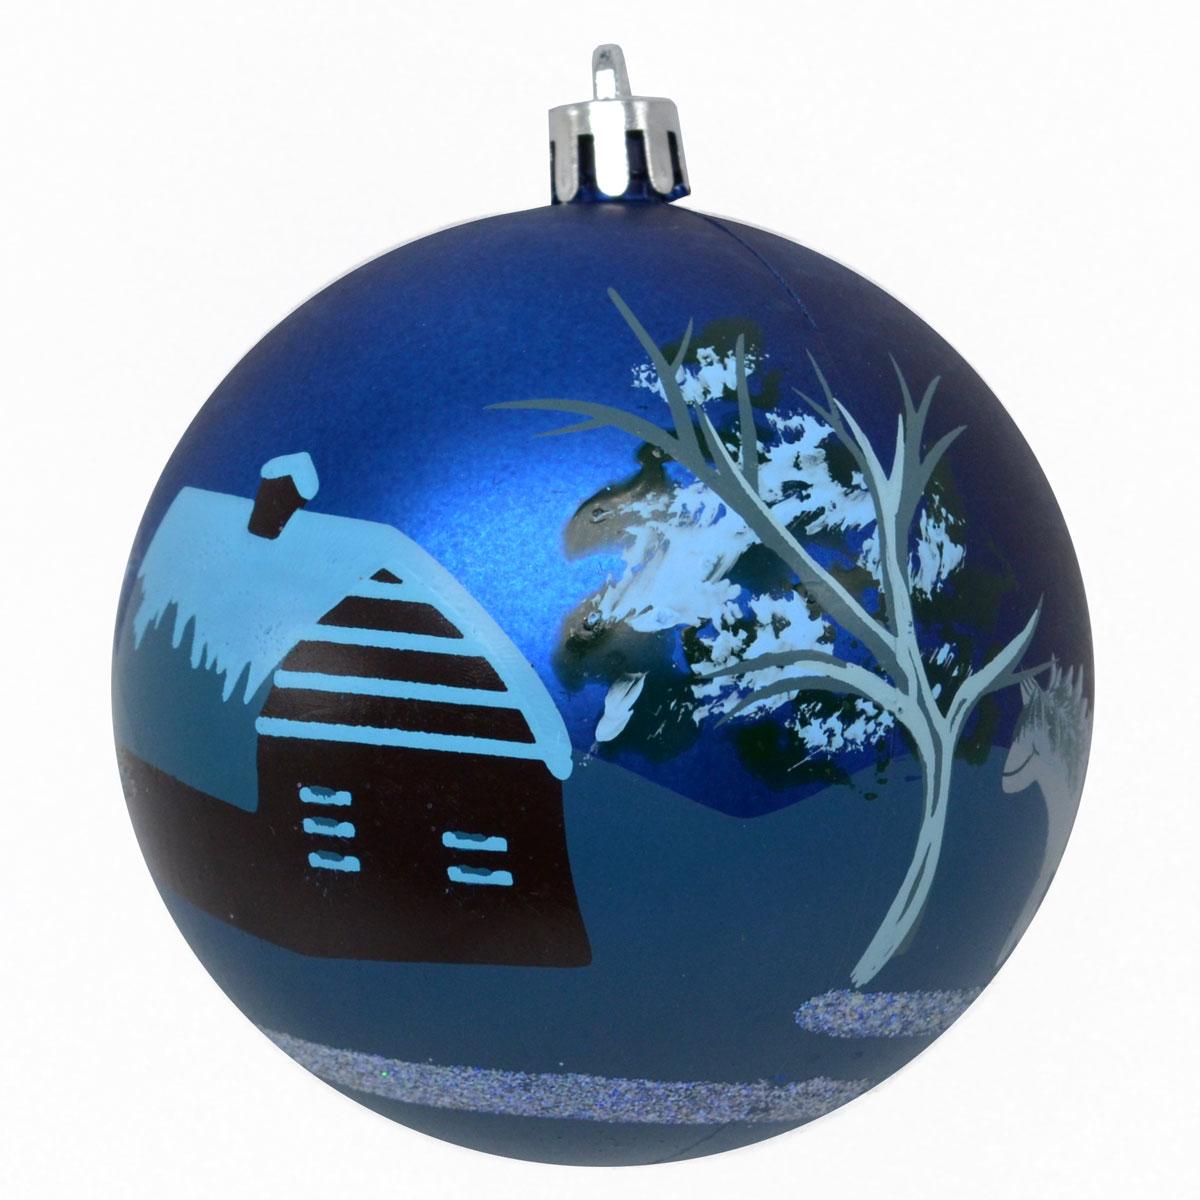 Новогоднее подвесное украшение Winter Wings Шар. Роспись, цвет: синий, диаметр 8 смN181868Новогоднее подвесное украшение Winter Wings отлично подойдет для декорации вашего дома и новогодней ели. Новогоднее украшение можно повесить в любом понравившемся вам месте. Но, конечно, удачнее всего оно будет смотреться на праздничной елке.Елочная игрушка - символ Нового года. Она несет в себе волшебство и красоту праздника. Такое украшение создаст в вашем доме атмосферу праздника, веселья и радости.